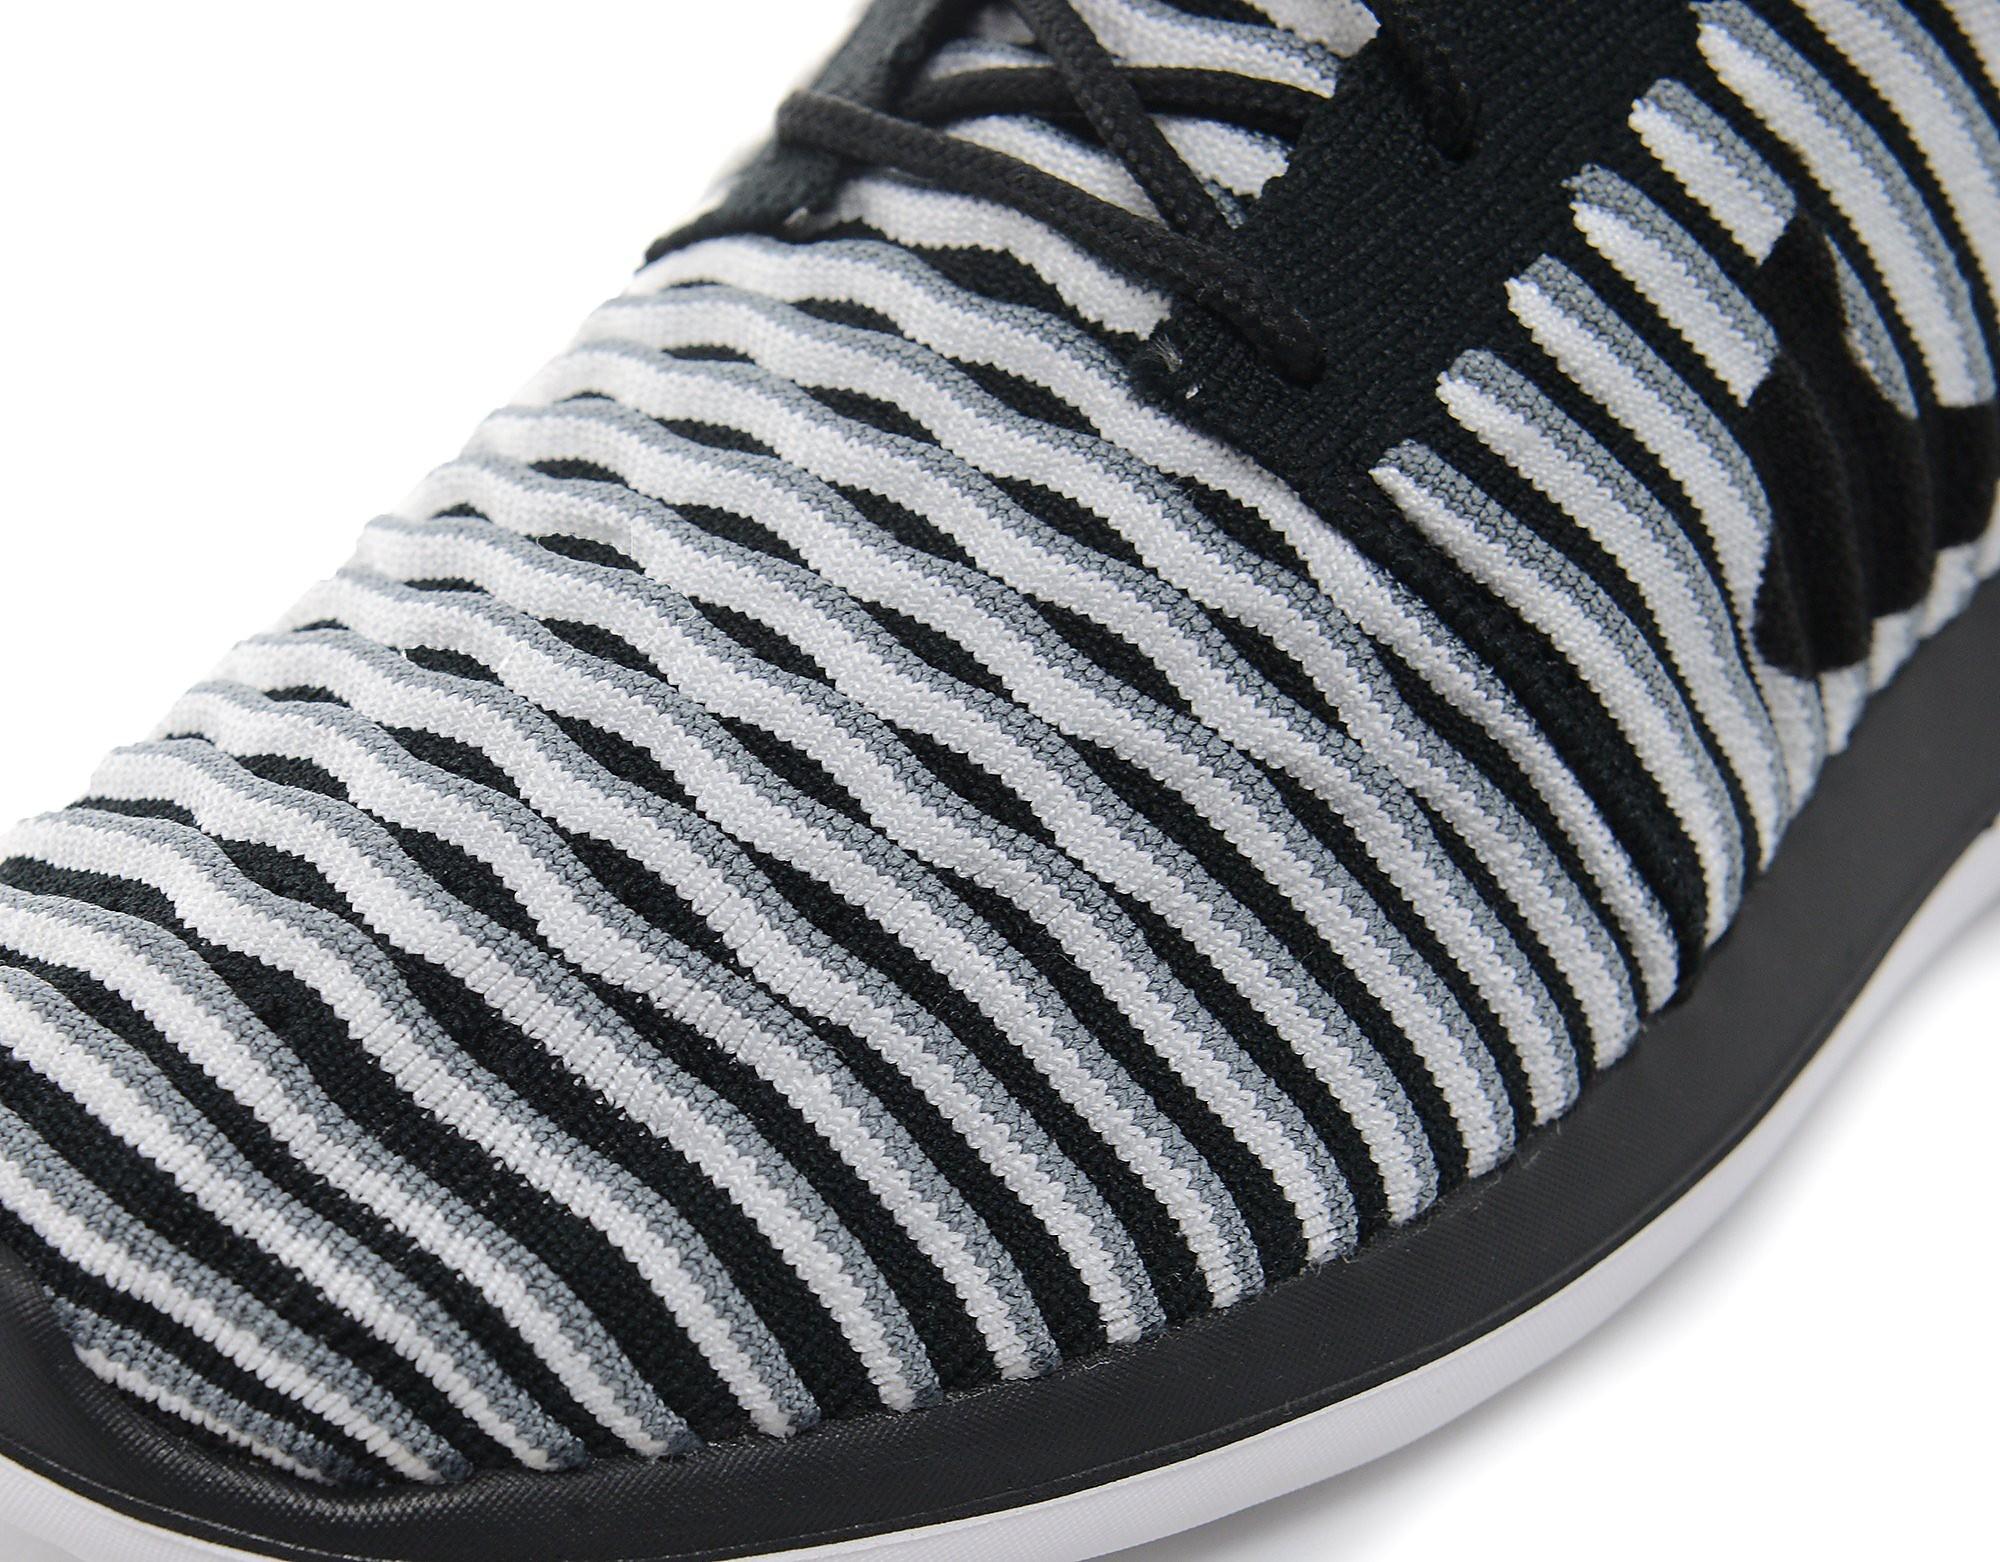 Nike Roshe 2 Flyknit Women's